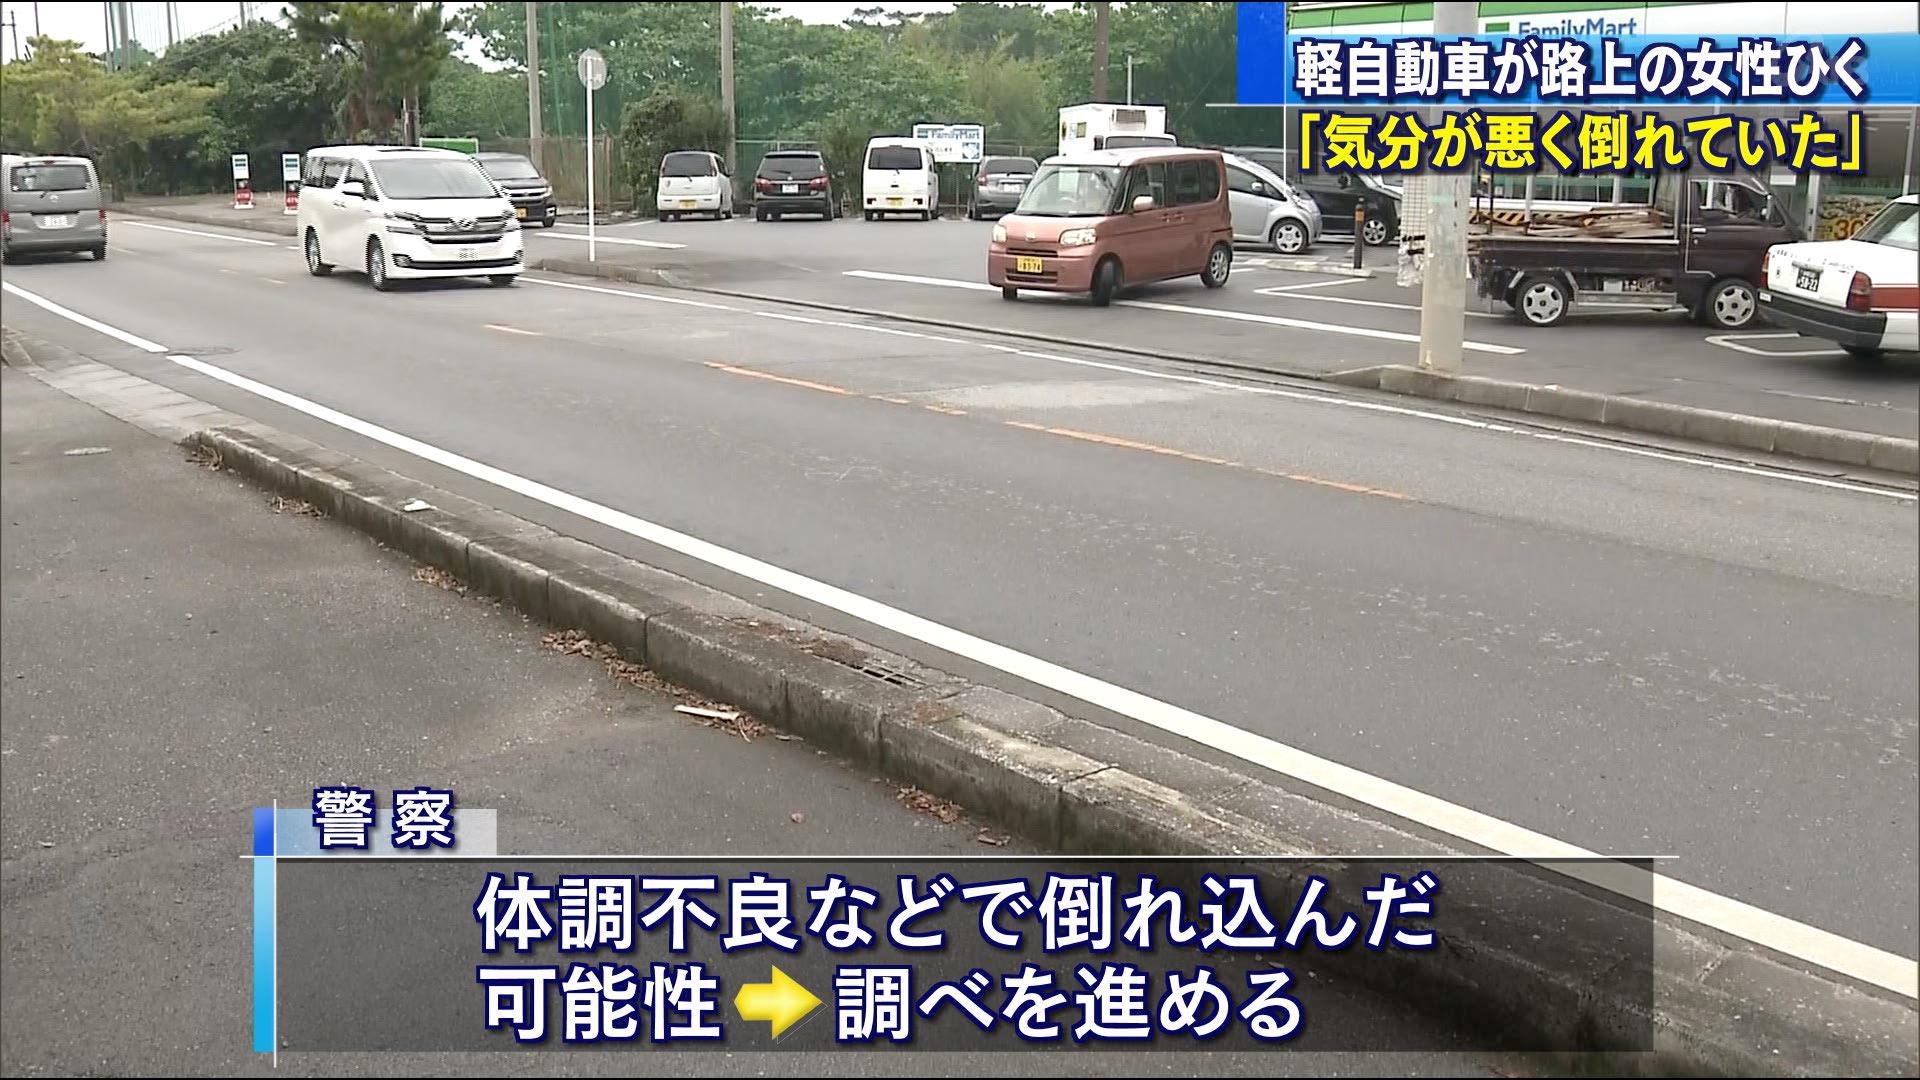 軽自動車が路上に横たわっていた女性をひく